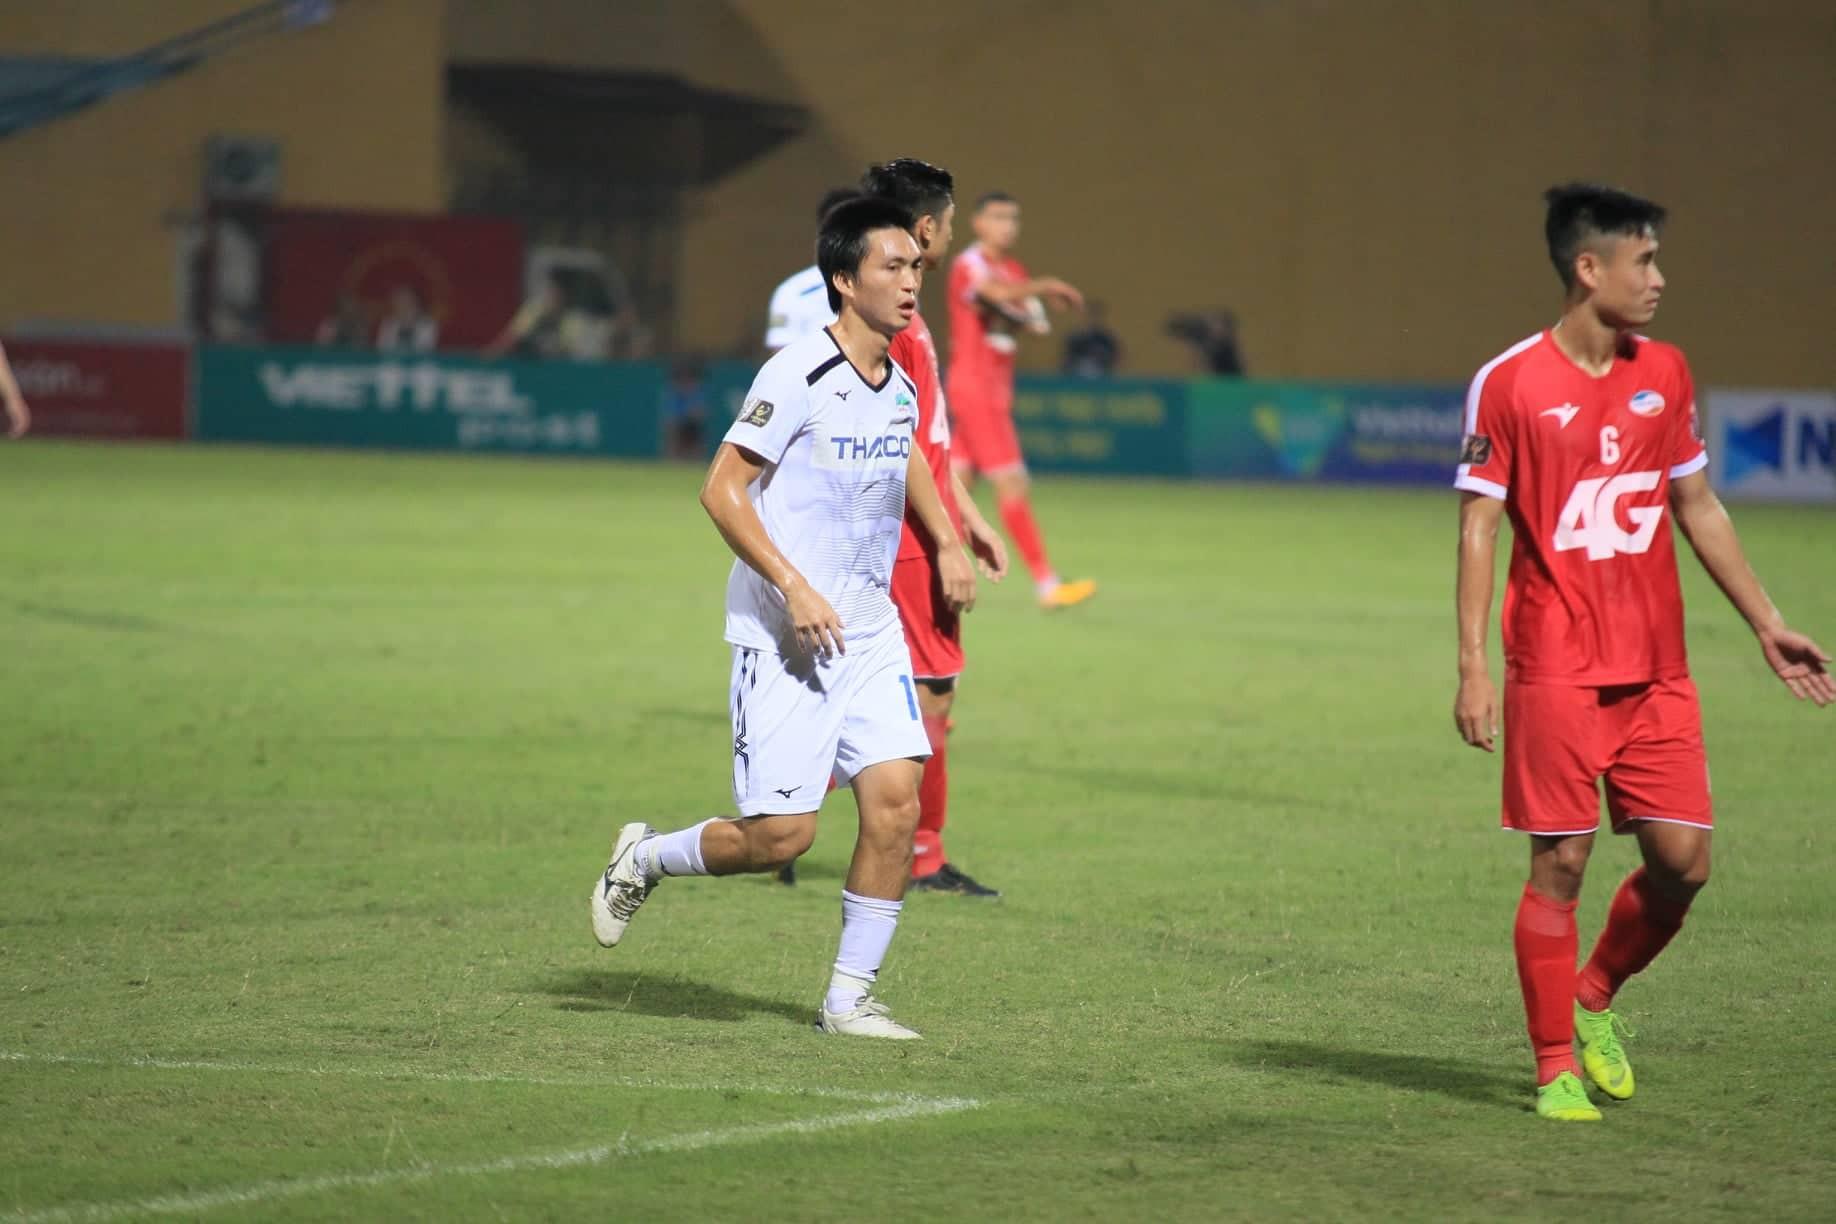 [Chùm ảnh] Văn Thanh nổ súng, HAGL đại thắng CLB Viettel trên sân khách - Ảnh 3.